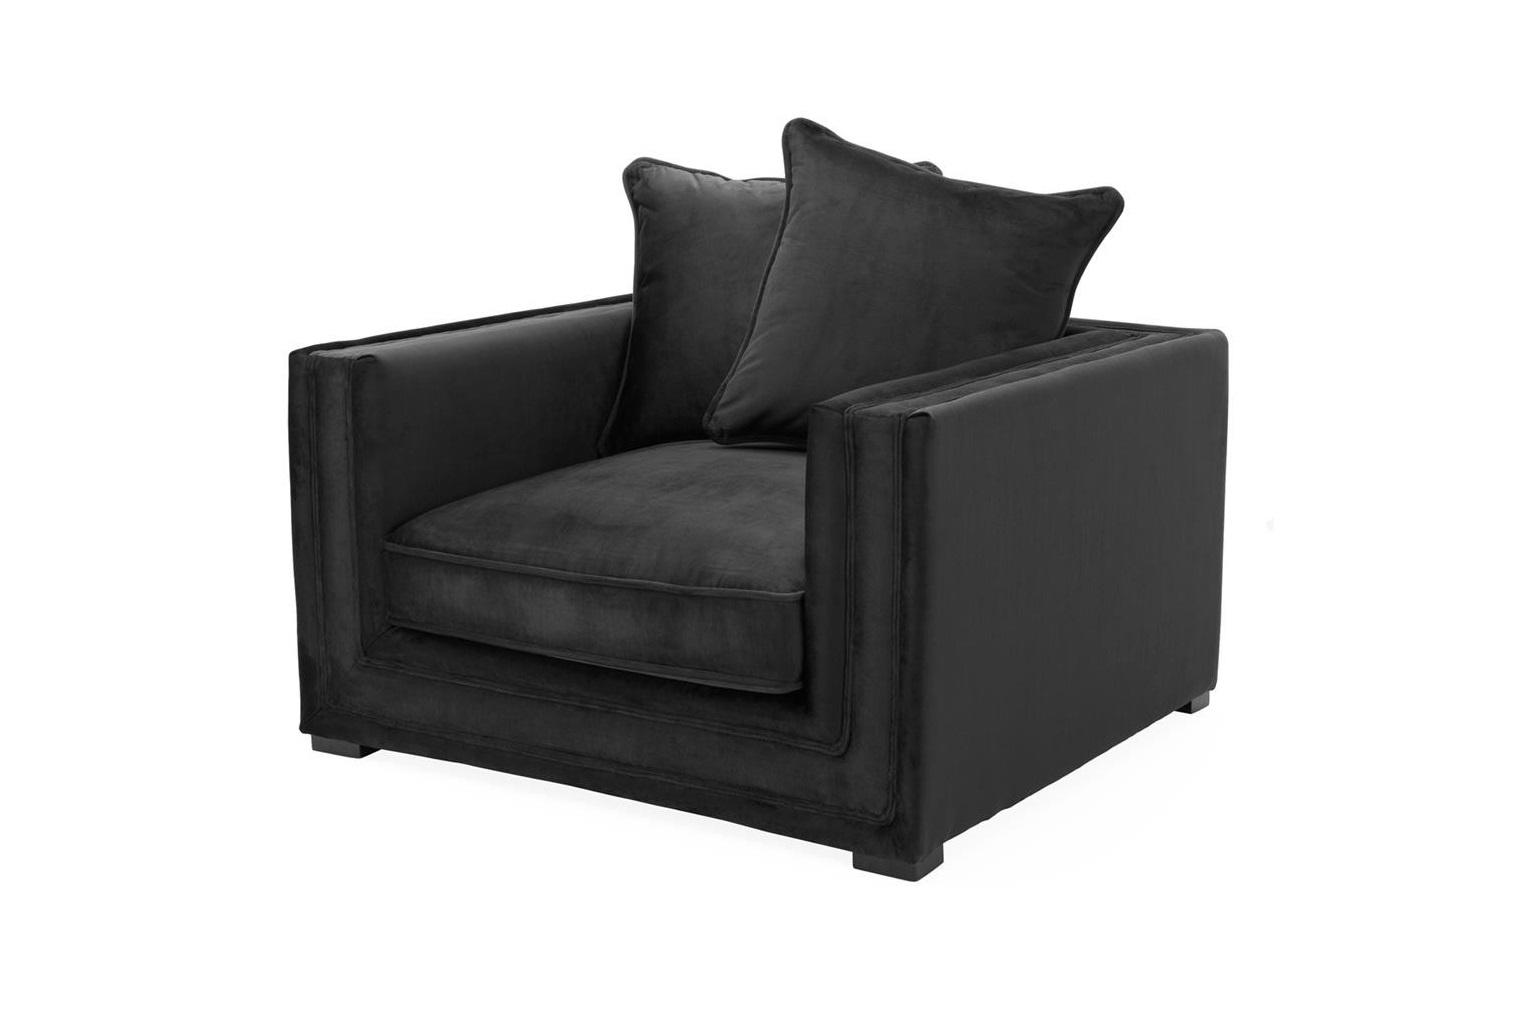 Кресло MenorcaИнтерьерные кресла<br><br><br>Material: Текстиль<br>Width см: 112<br>Depth см: 106<br>Height см: 83